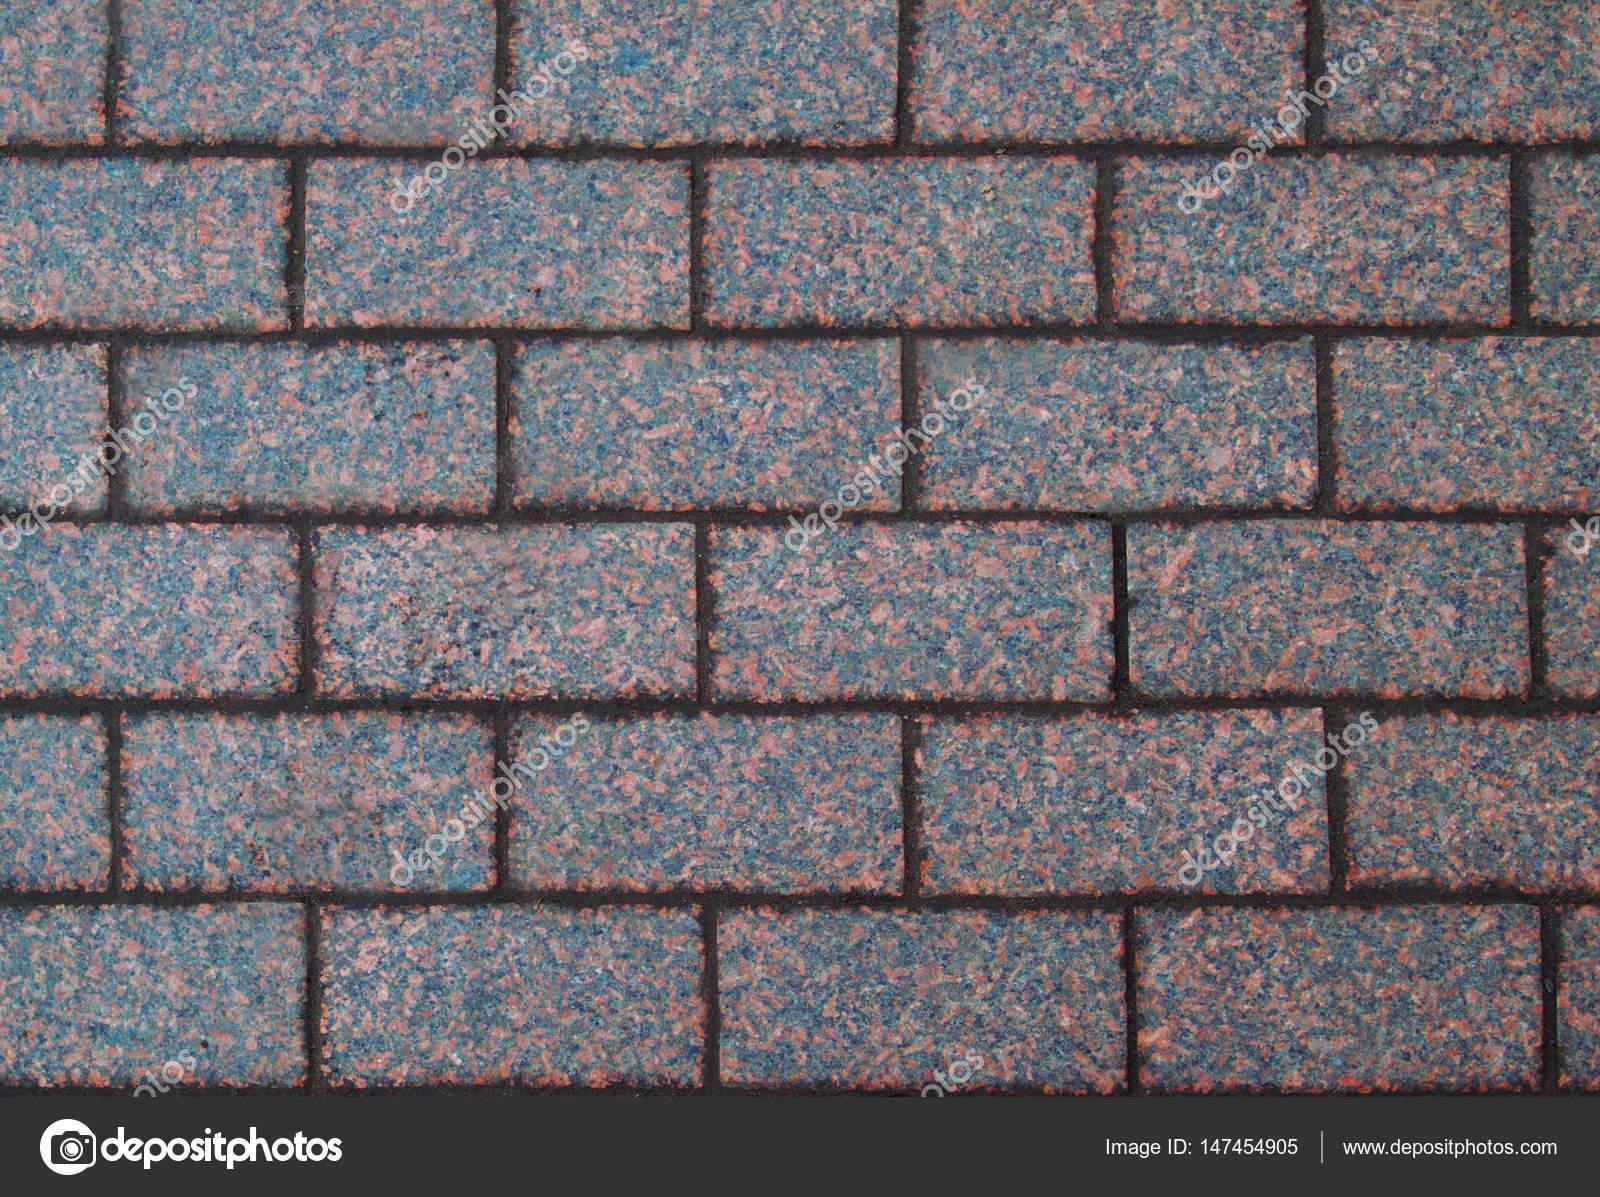 Granito piastrelle rettangolari u2014 foto stock © denis kurov.mail.ru